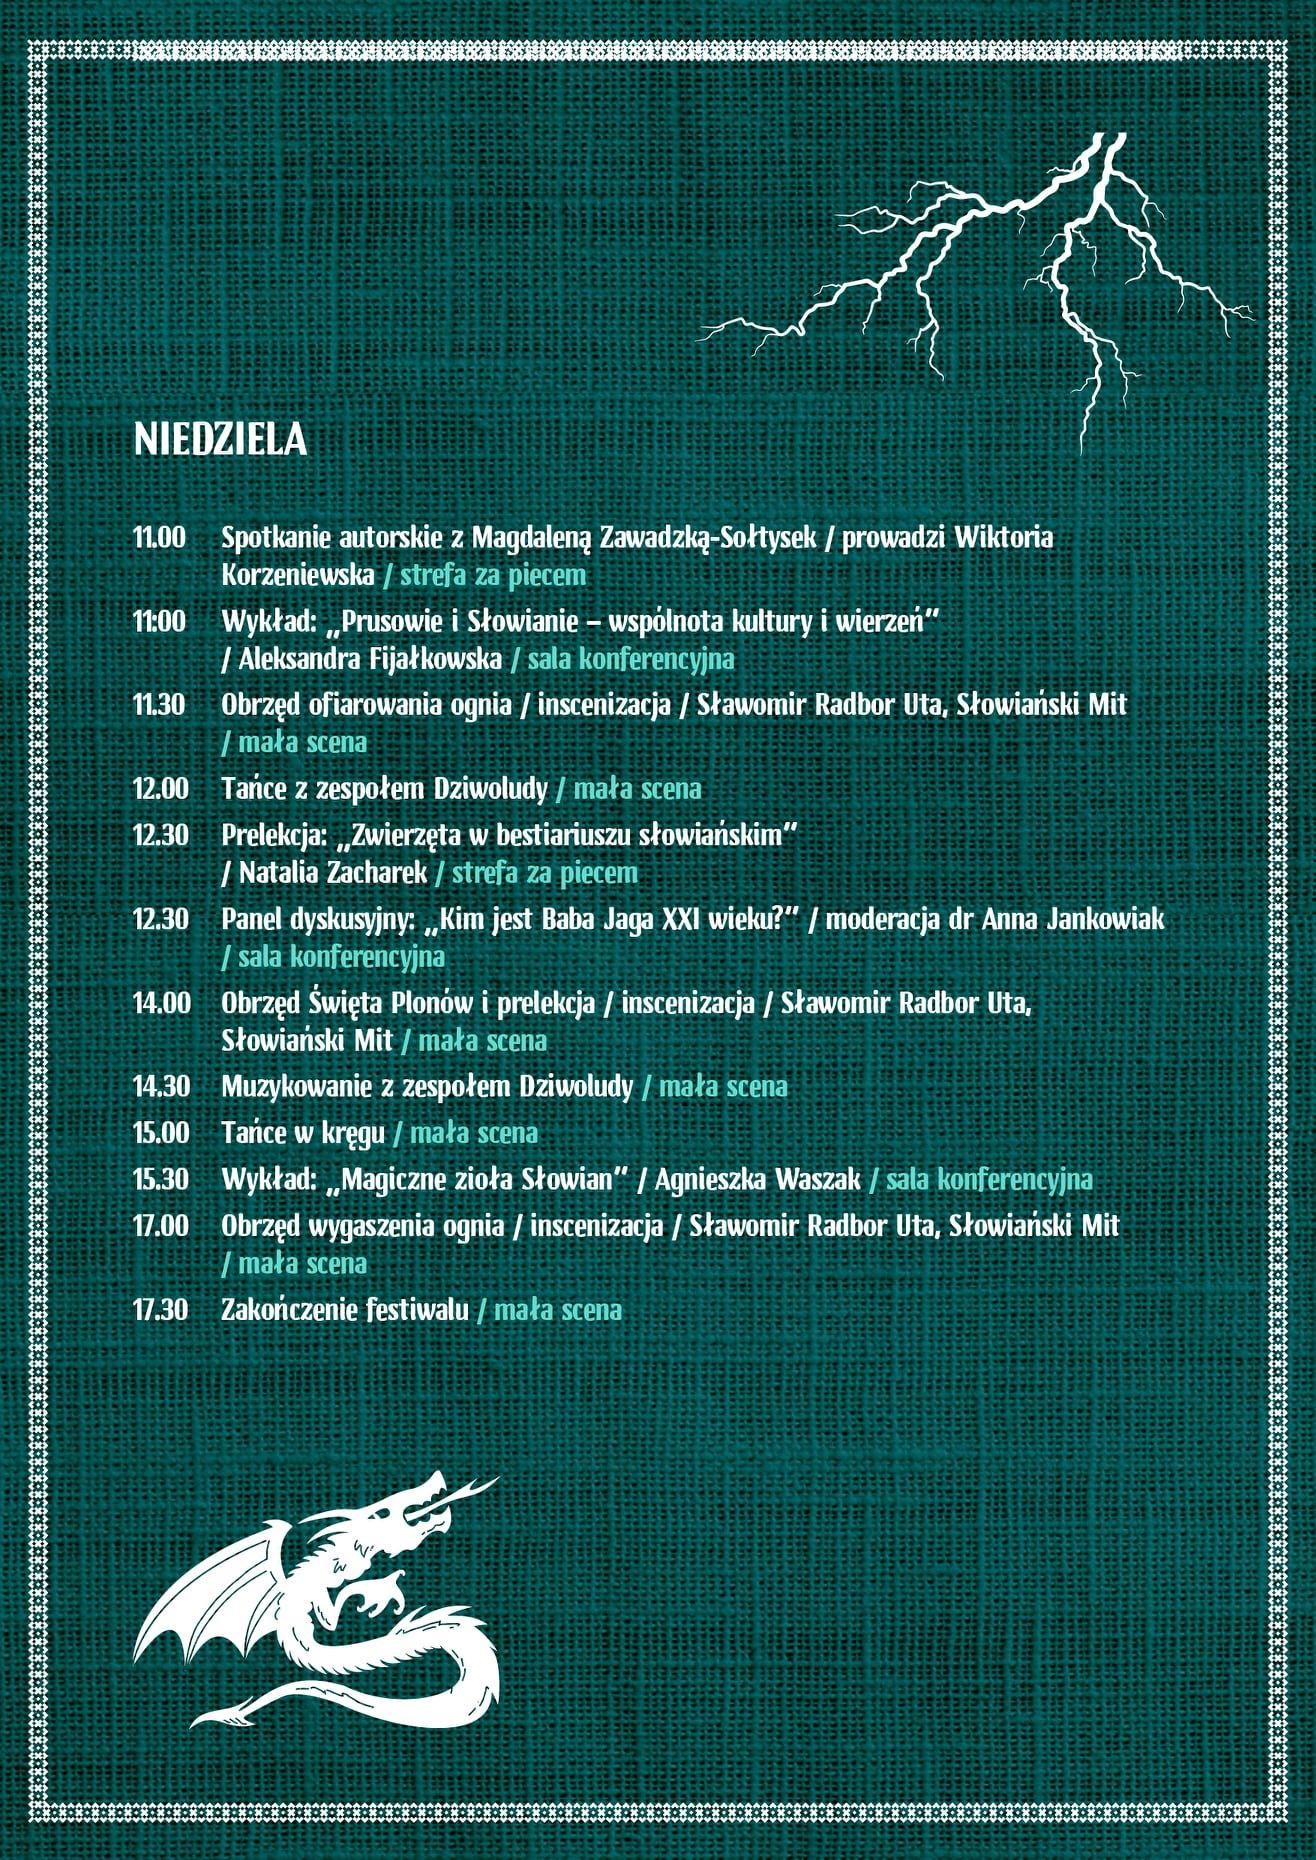 Poznaj swoje korzenie - zapraszamy na Festiwal Mitologii Słowiańskiej